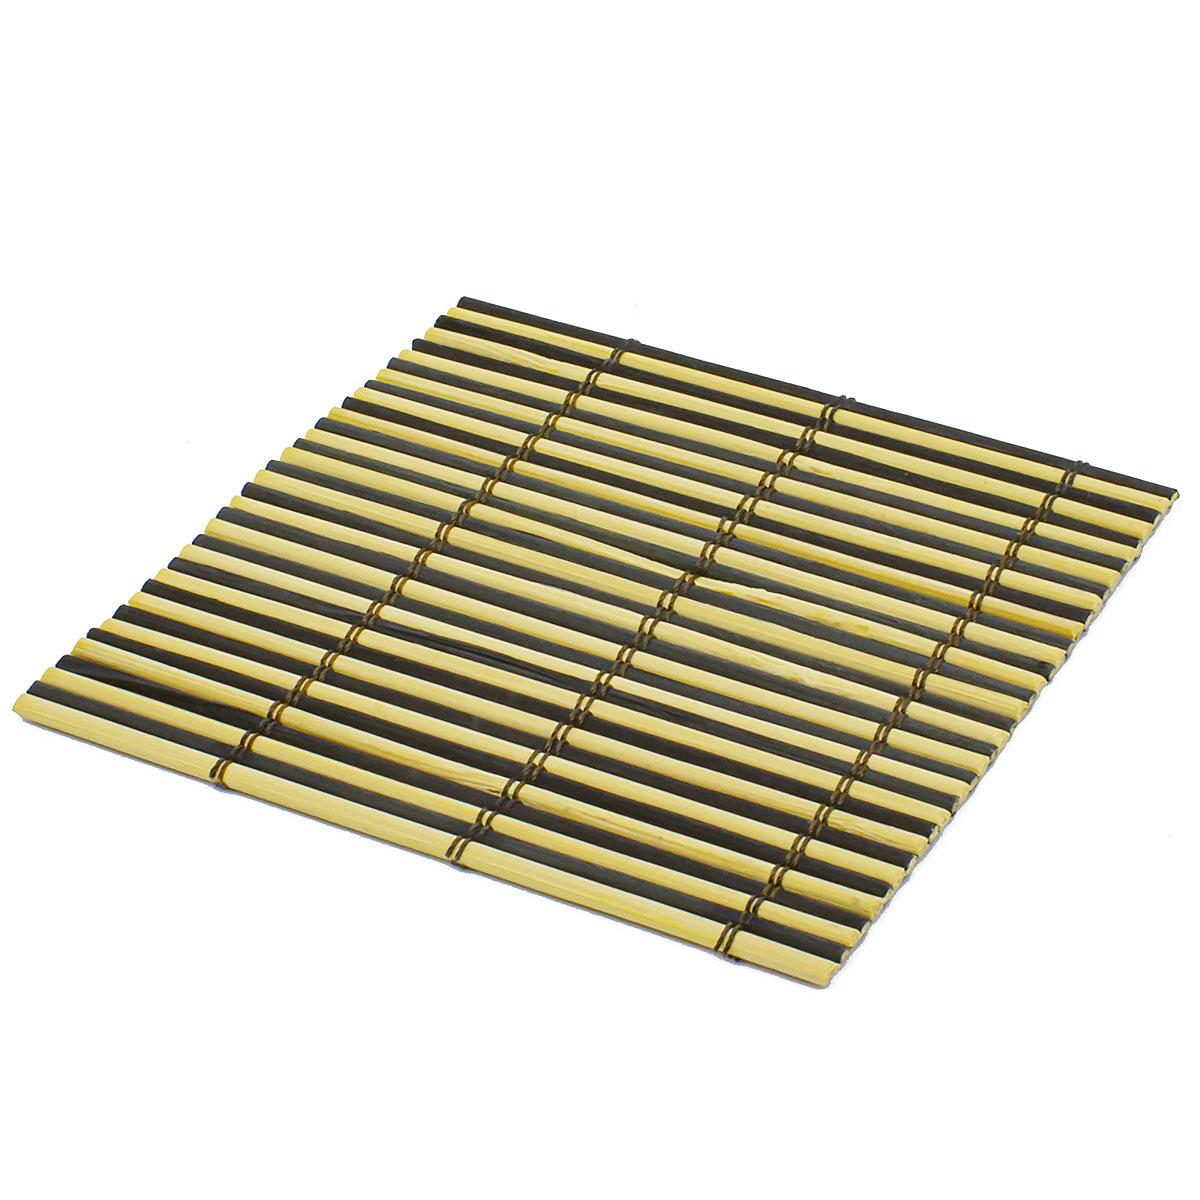 Набор чайных циновок (бамбук) чёрные двухцветные 10 х 10 см 5 шт/упак.